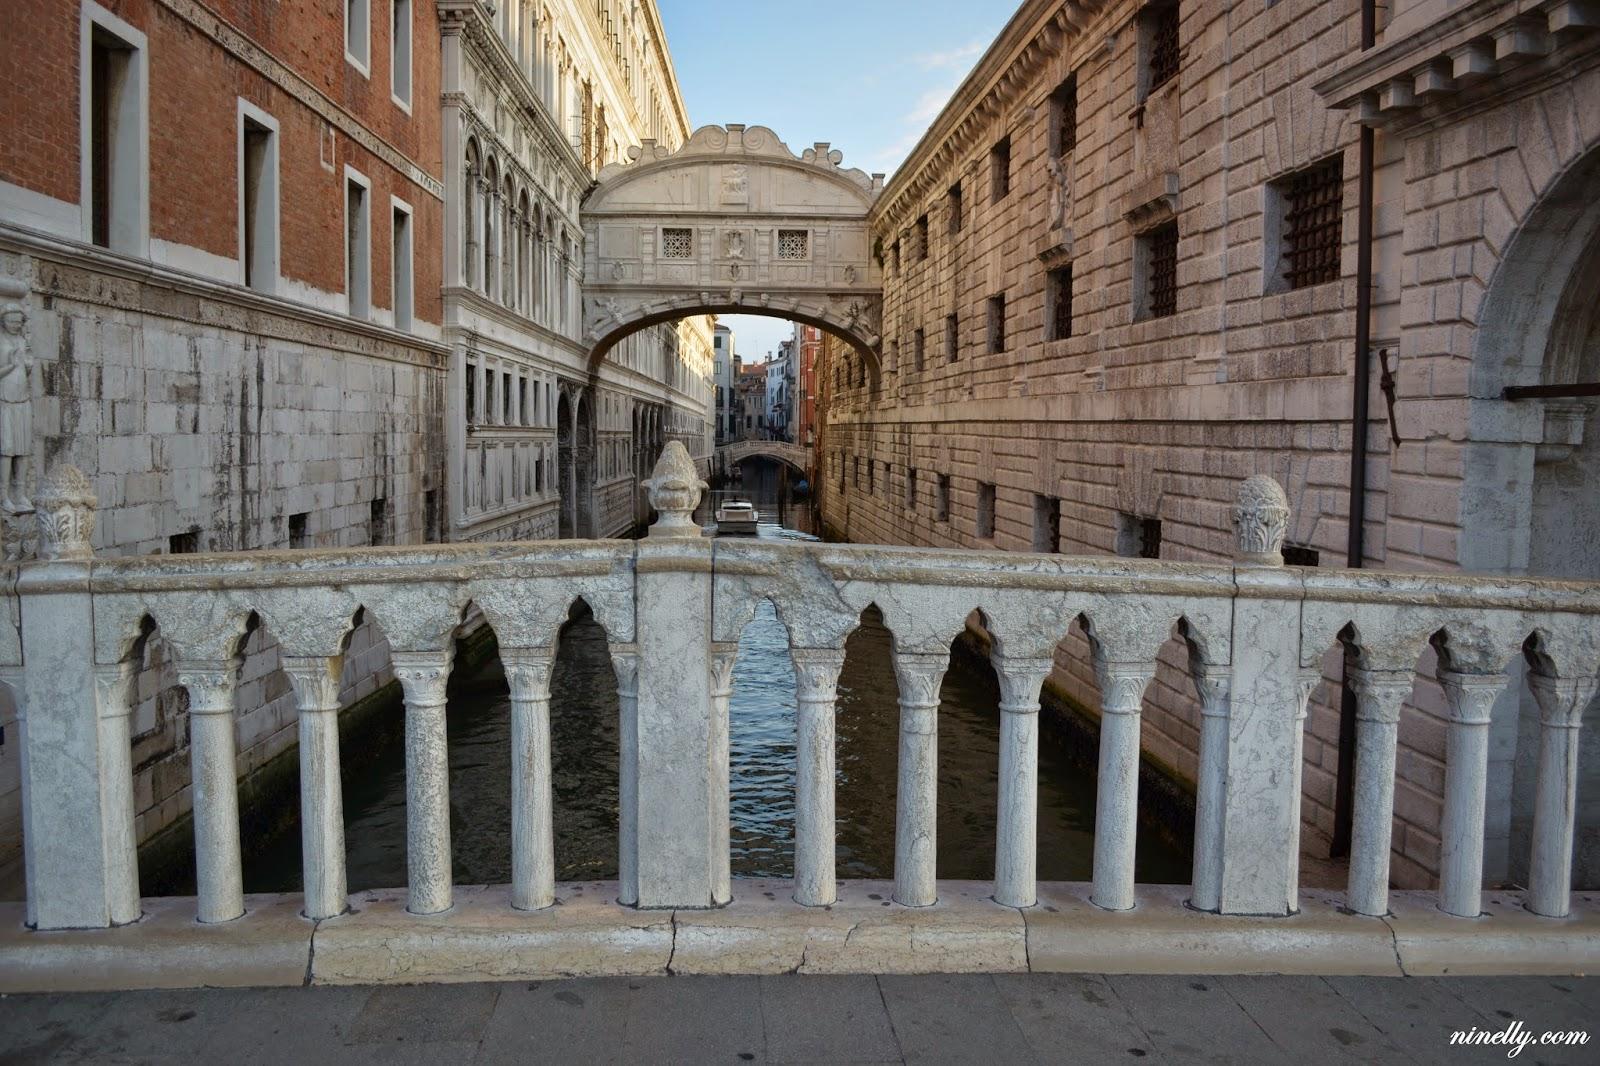 достопримечательности венеции мост вздохов